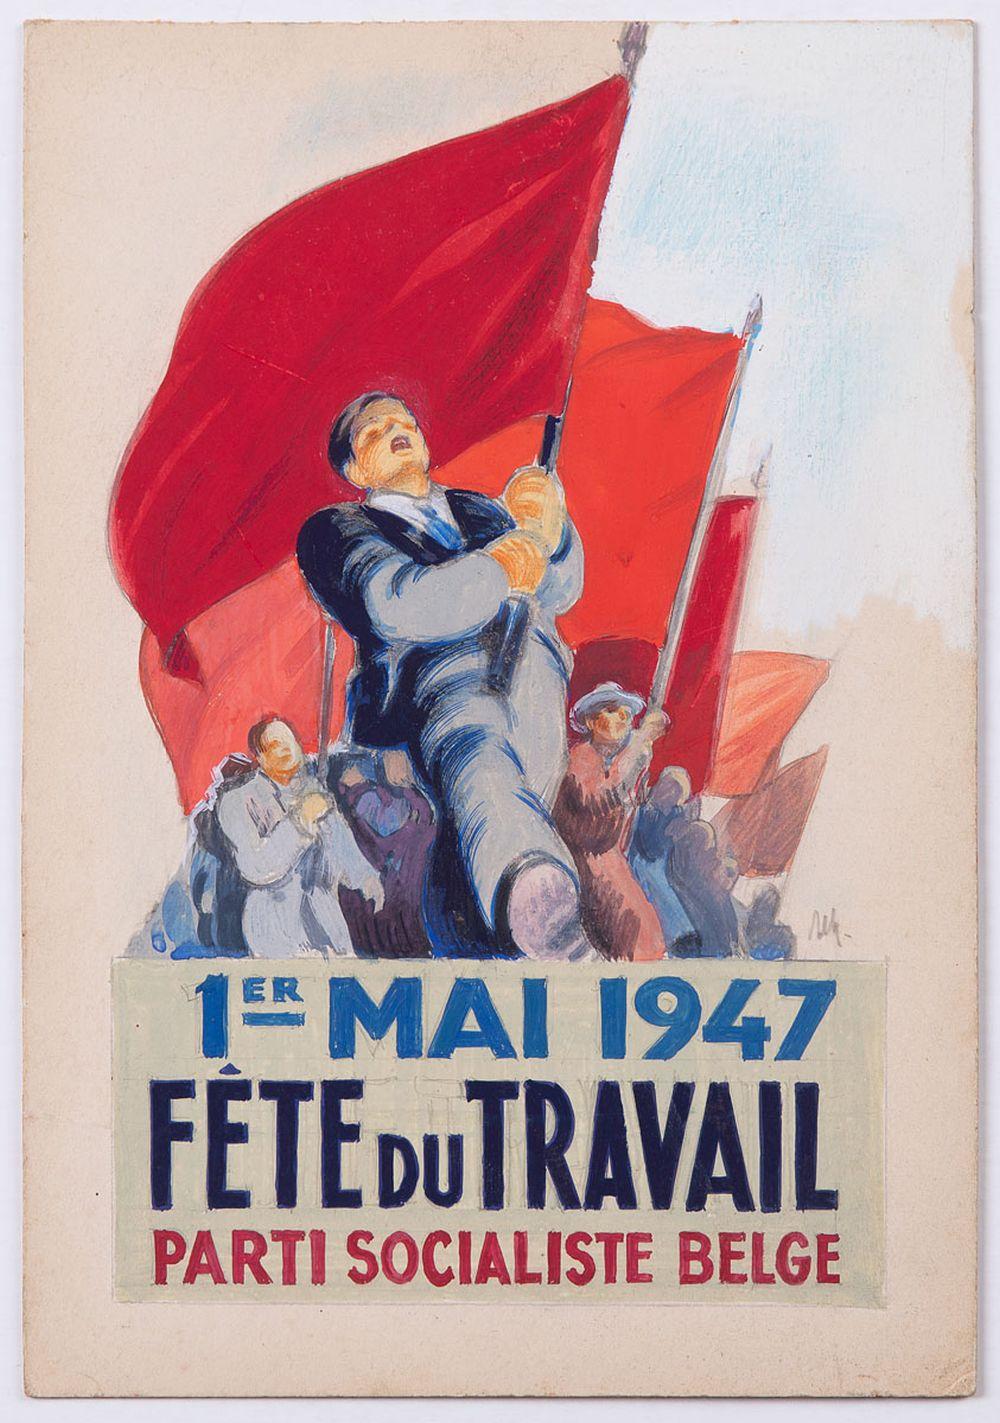 [PARTI SOCIALISTE BELGE ]- 1er Mai 1947. Fête du travai